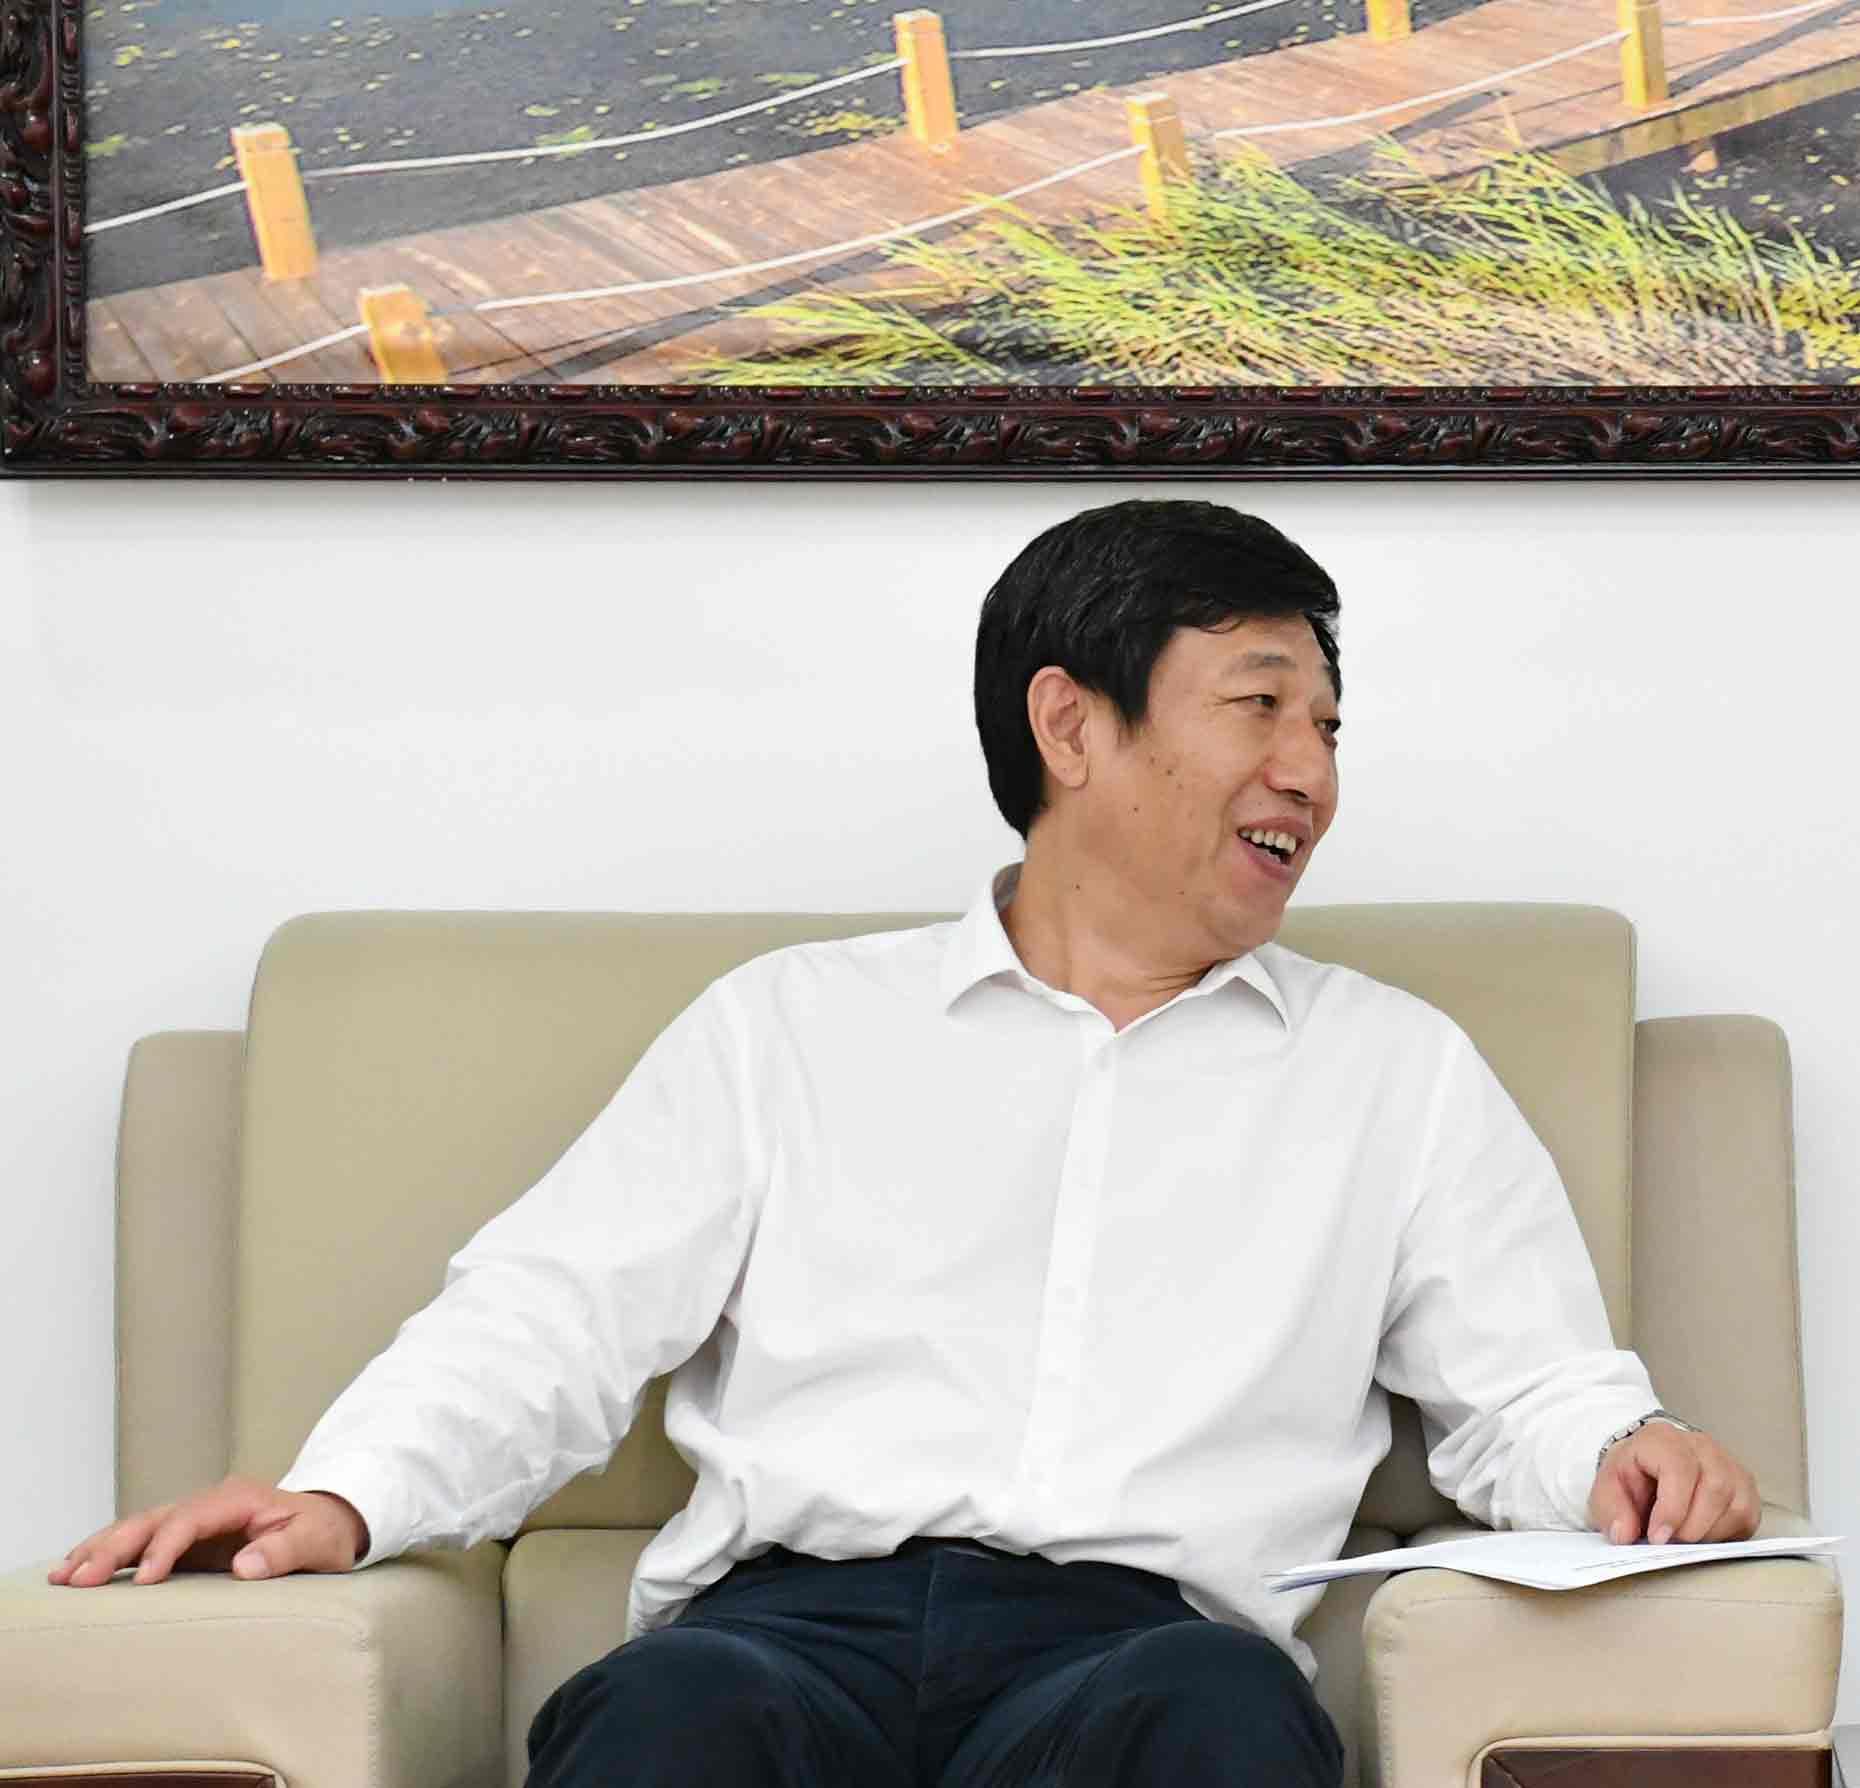 """聚焦民生 践行""""初心""""——访黑龙江省住房和城乡建设厅党组书记、厅长杨春青"""